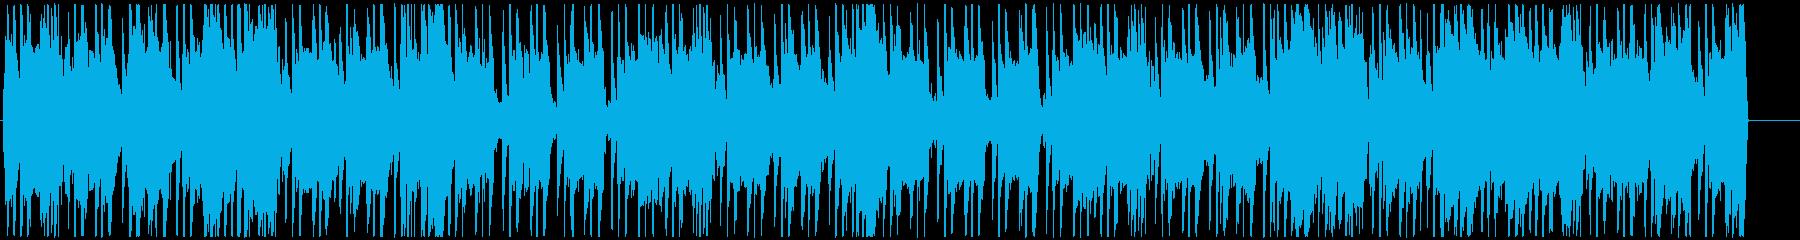 レゲエ 甘く切ないLovers Rockの再生済みの波形